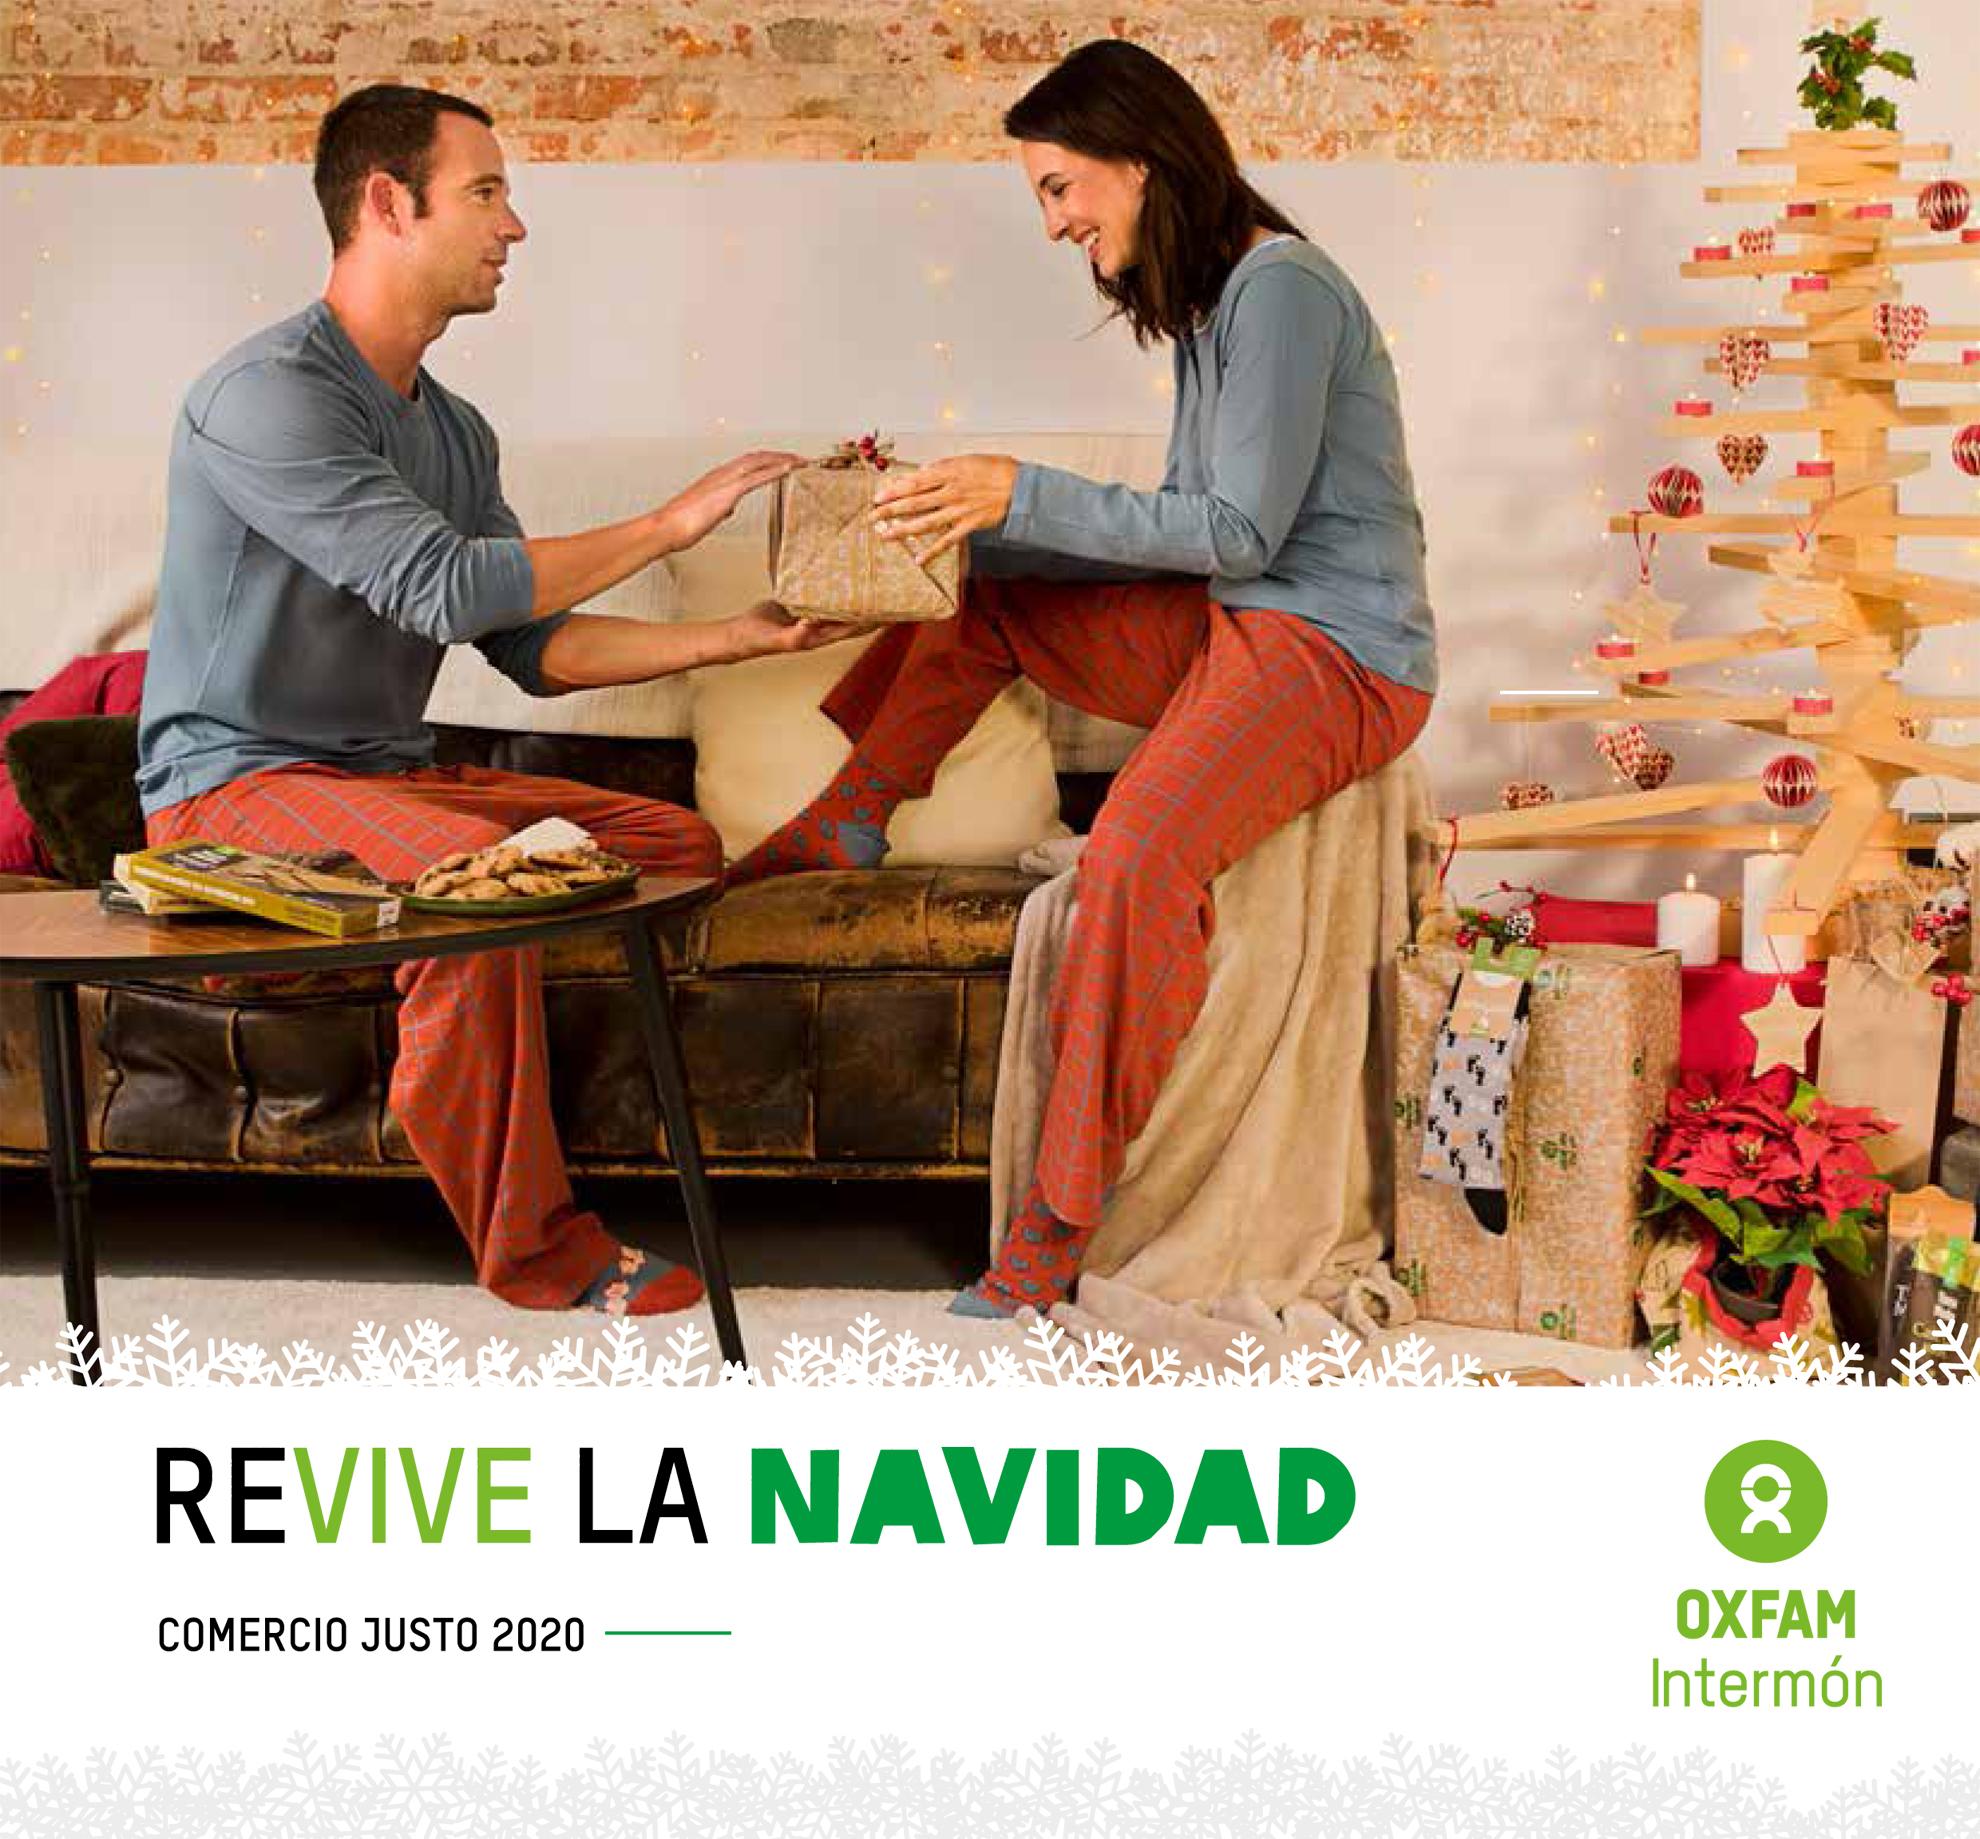 AF_oxfam_navidad_2020_ES_001